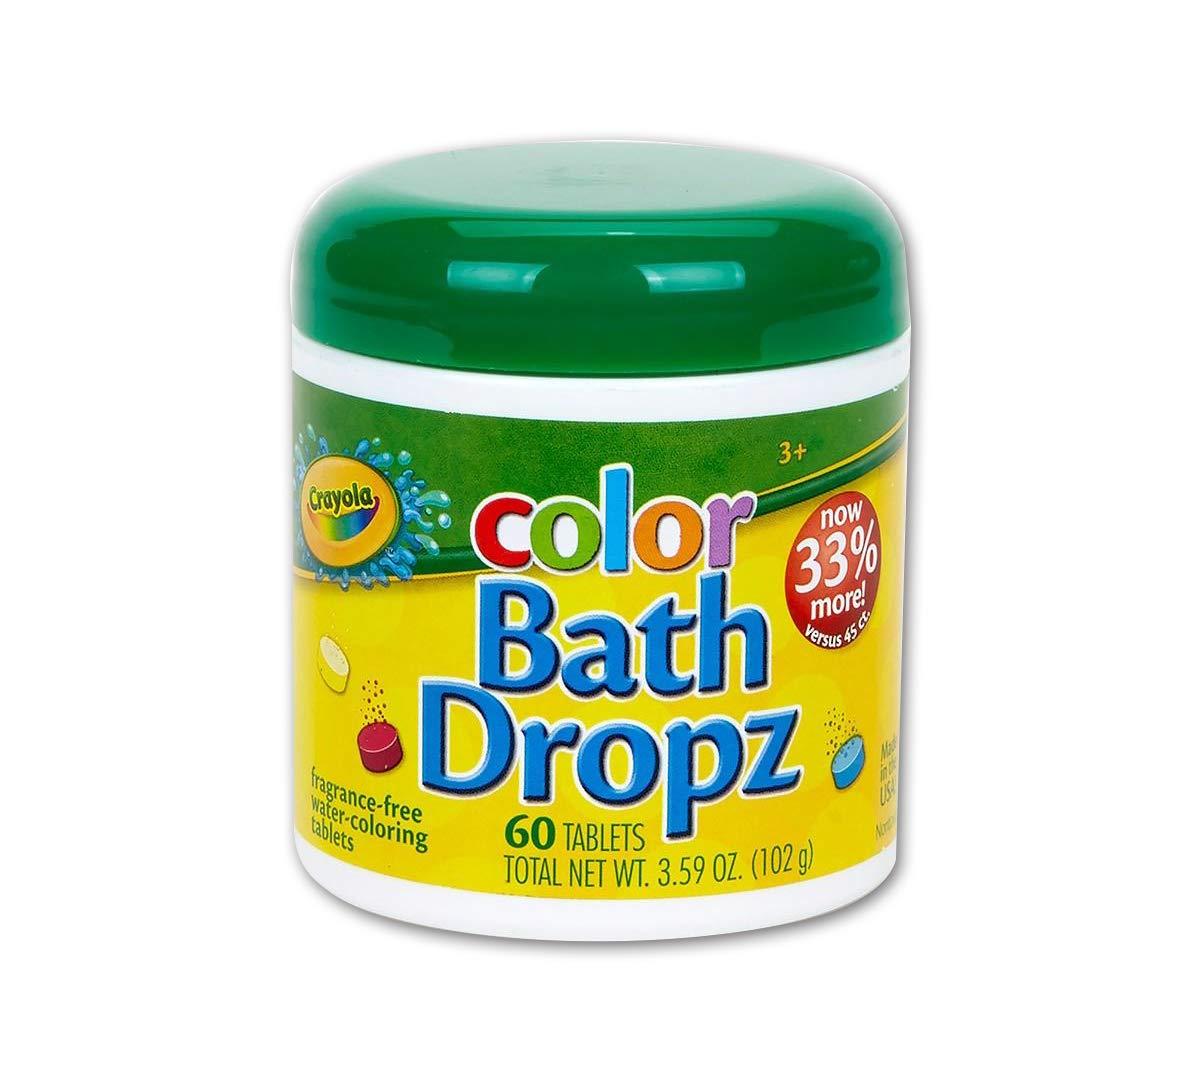 Crayola Bath Dropz Banho Colorido - 60 Tablets